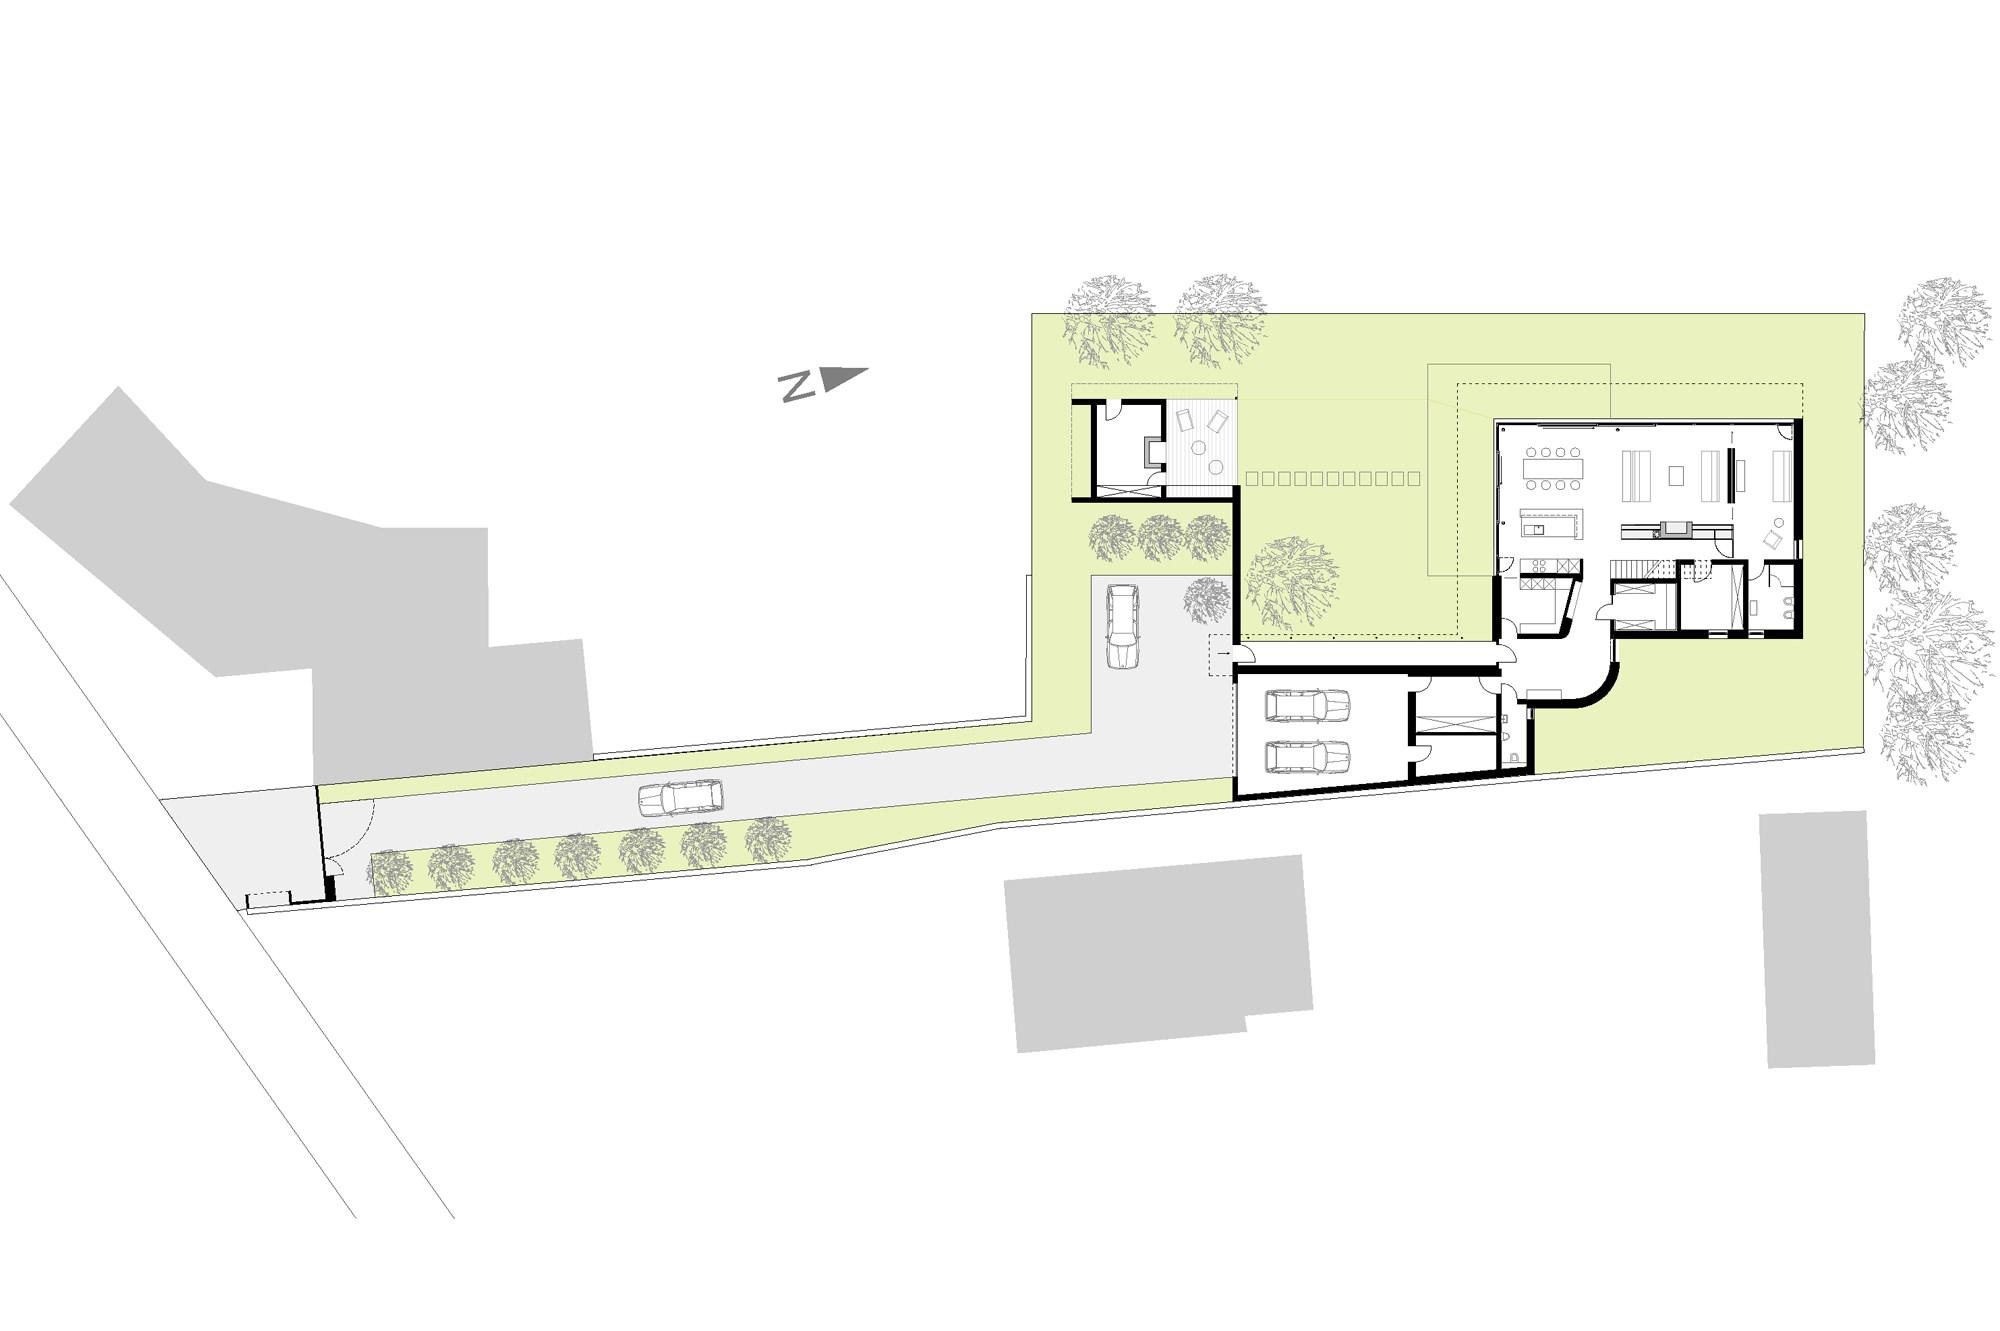 haus_LK_25_einfamilienhaus_im_seewinkel_burgenland_junger_beer_architektur